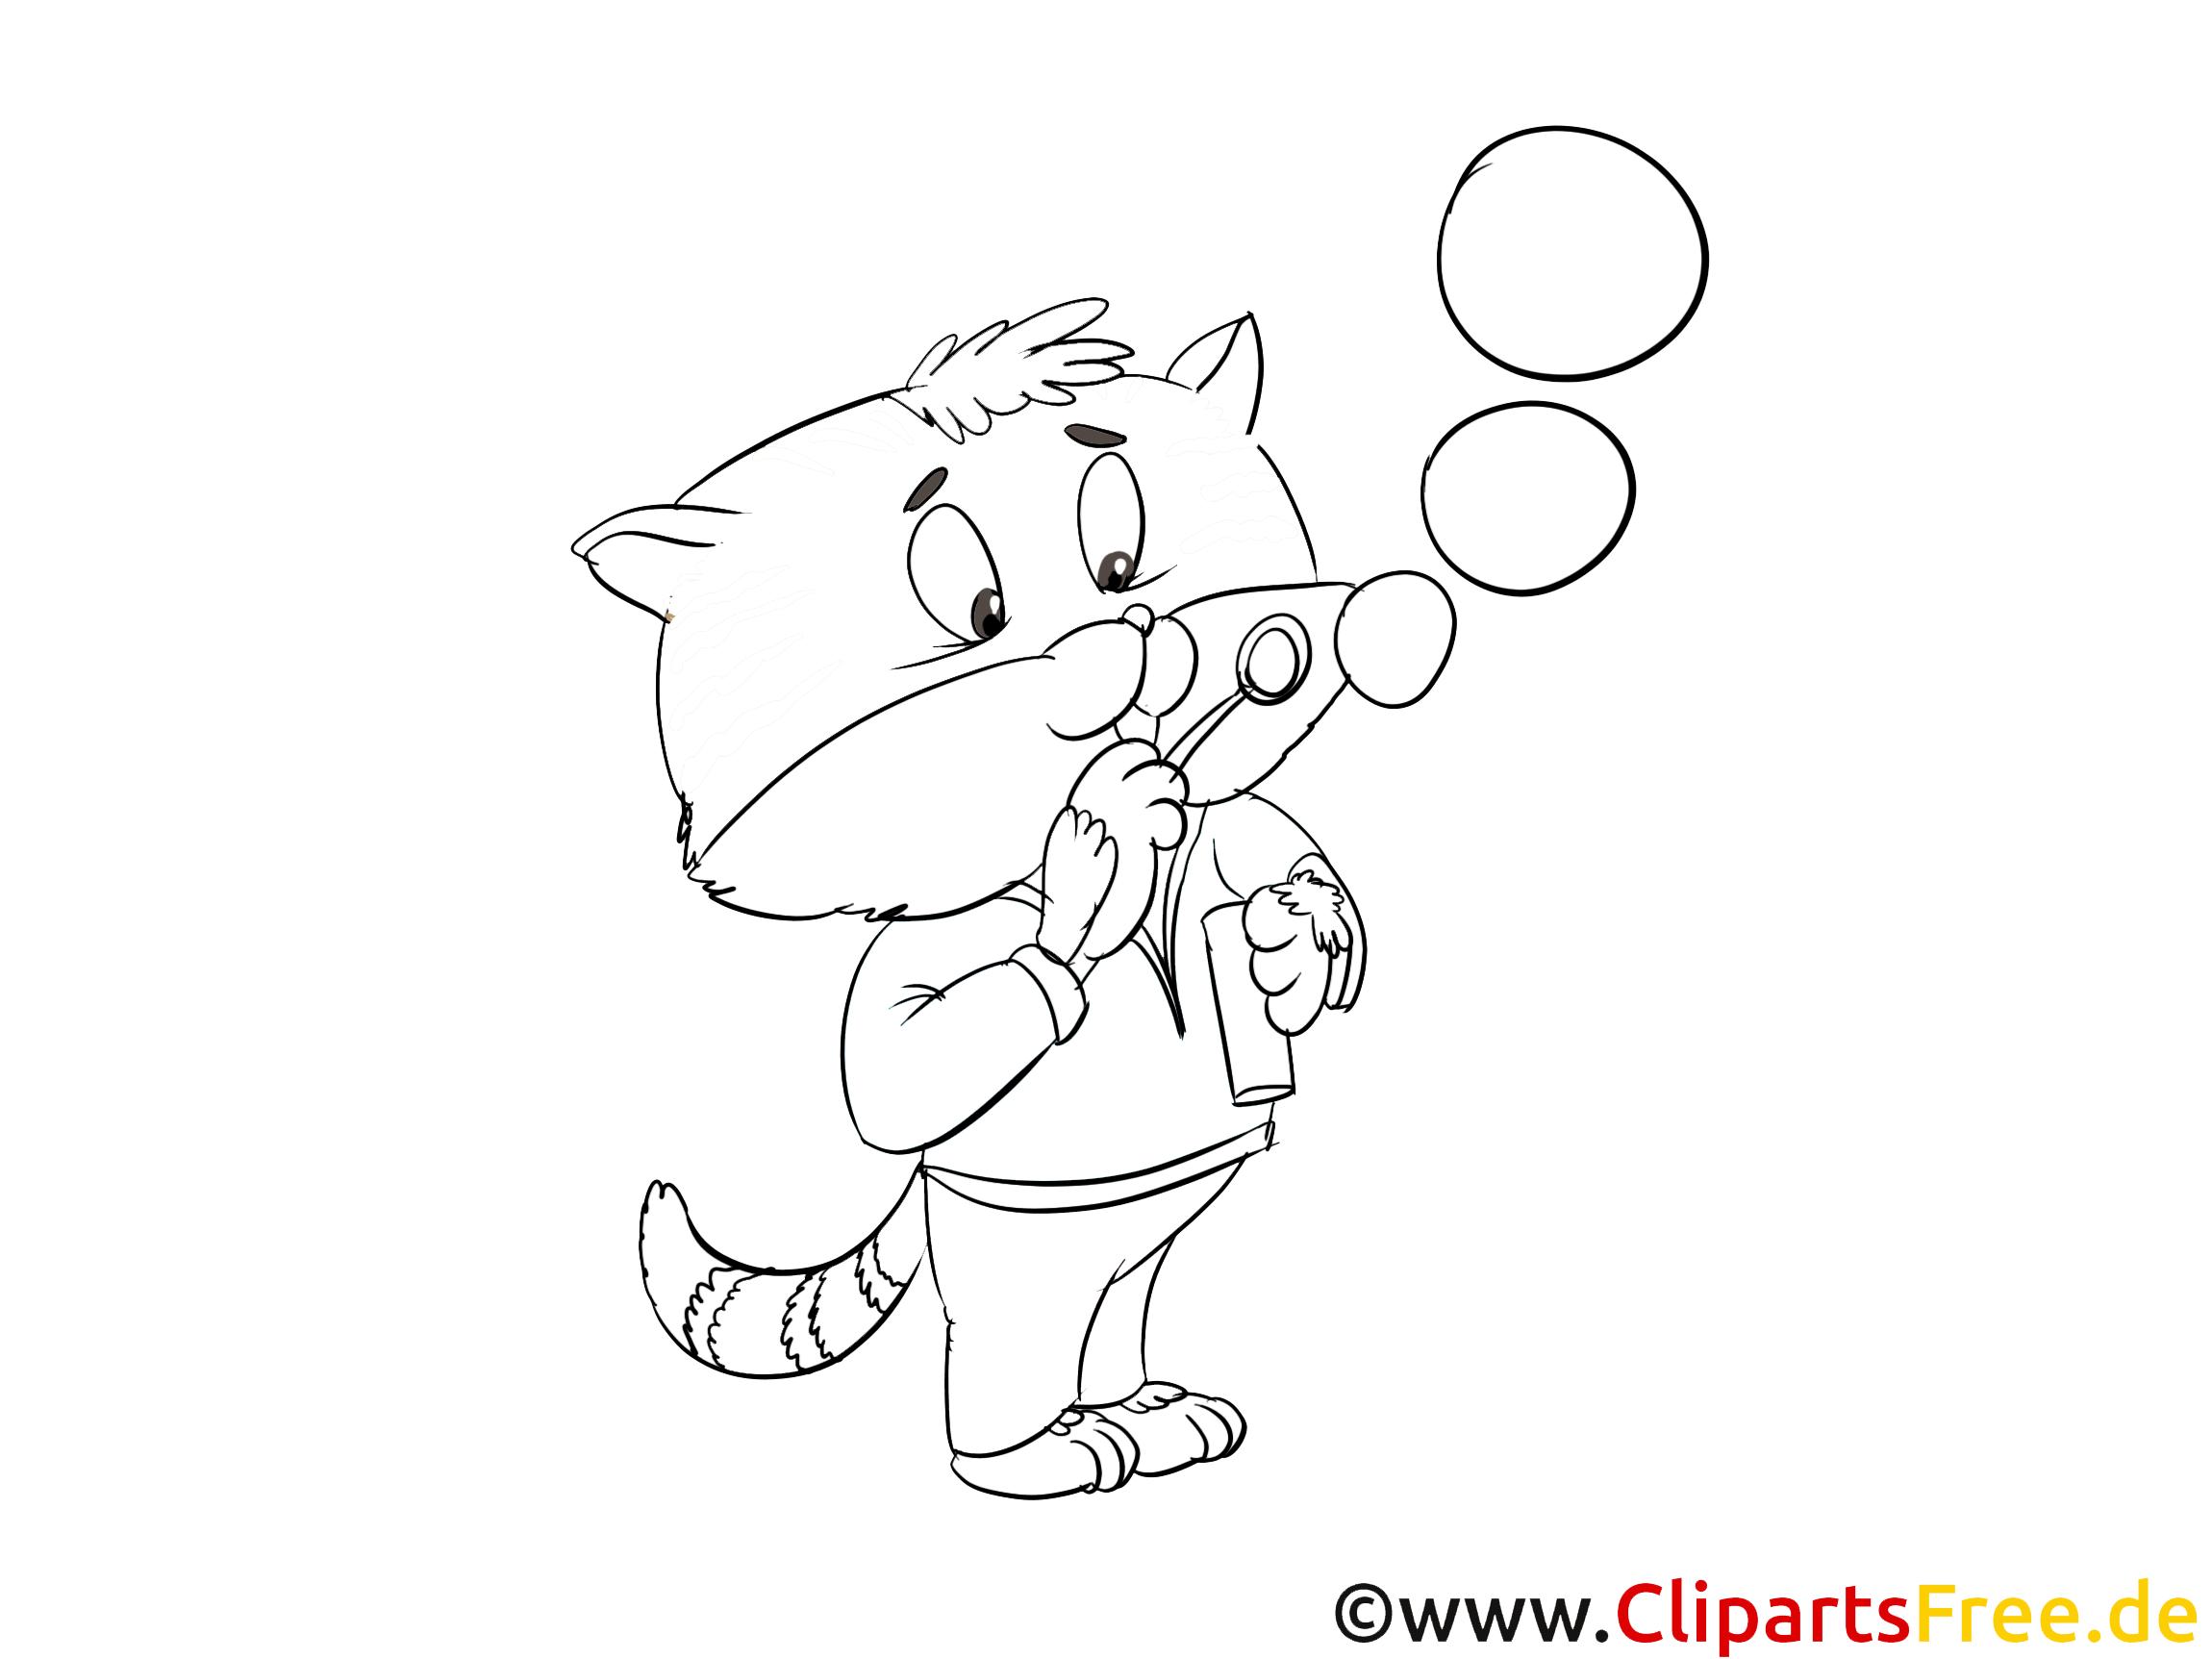 Bulle de savon clip art gratuit chats imprimer chats coloriages dessin picture image - Telecharger image de chat gratuit ...